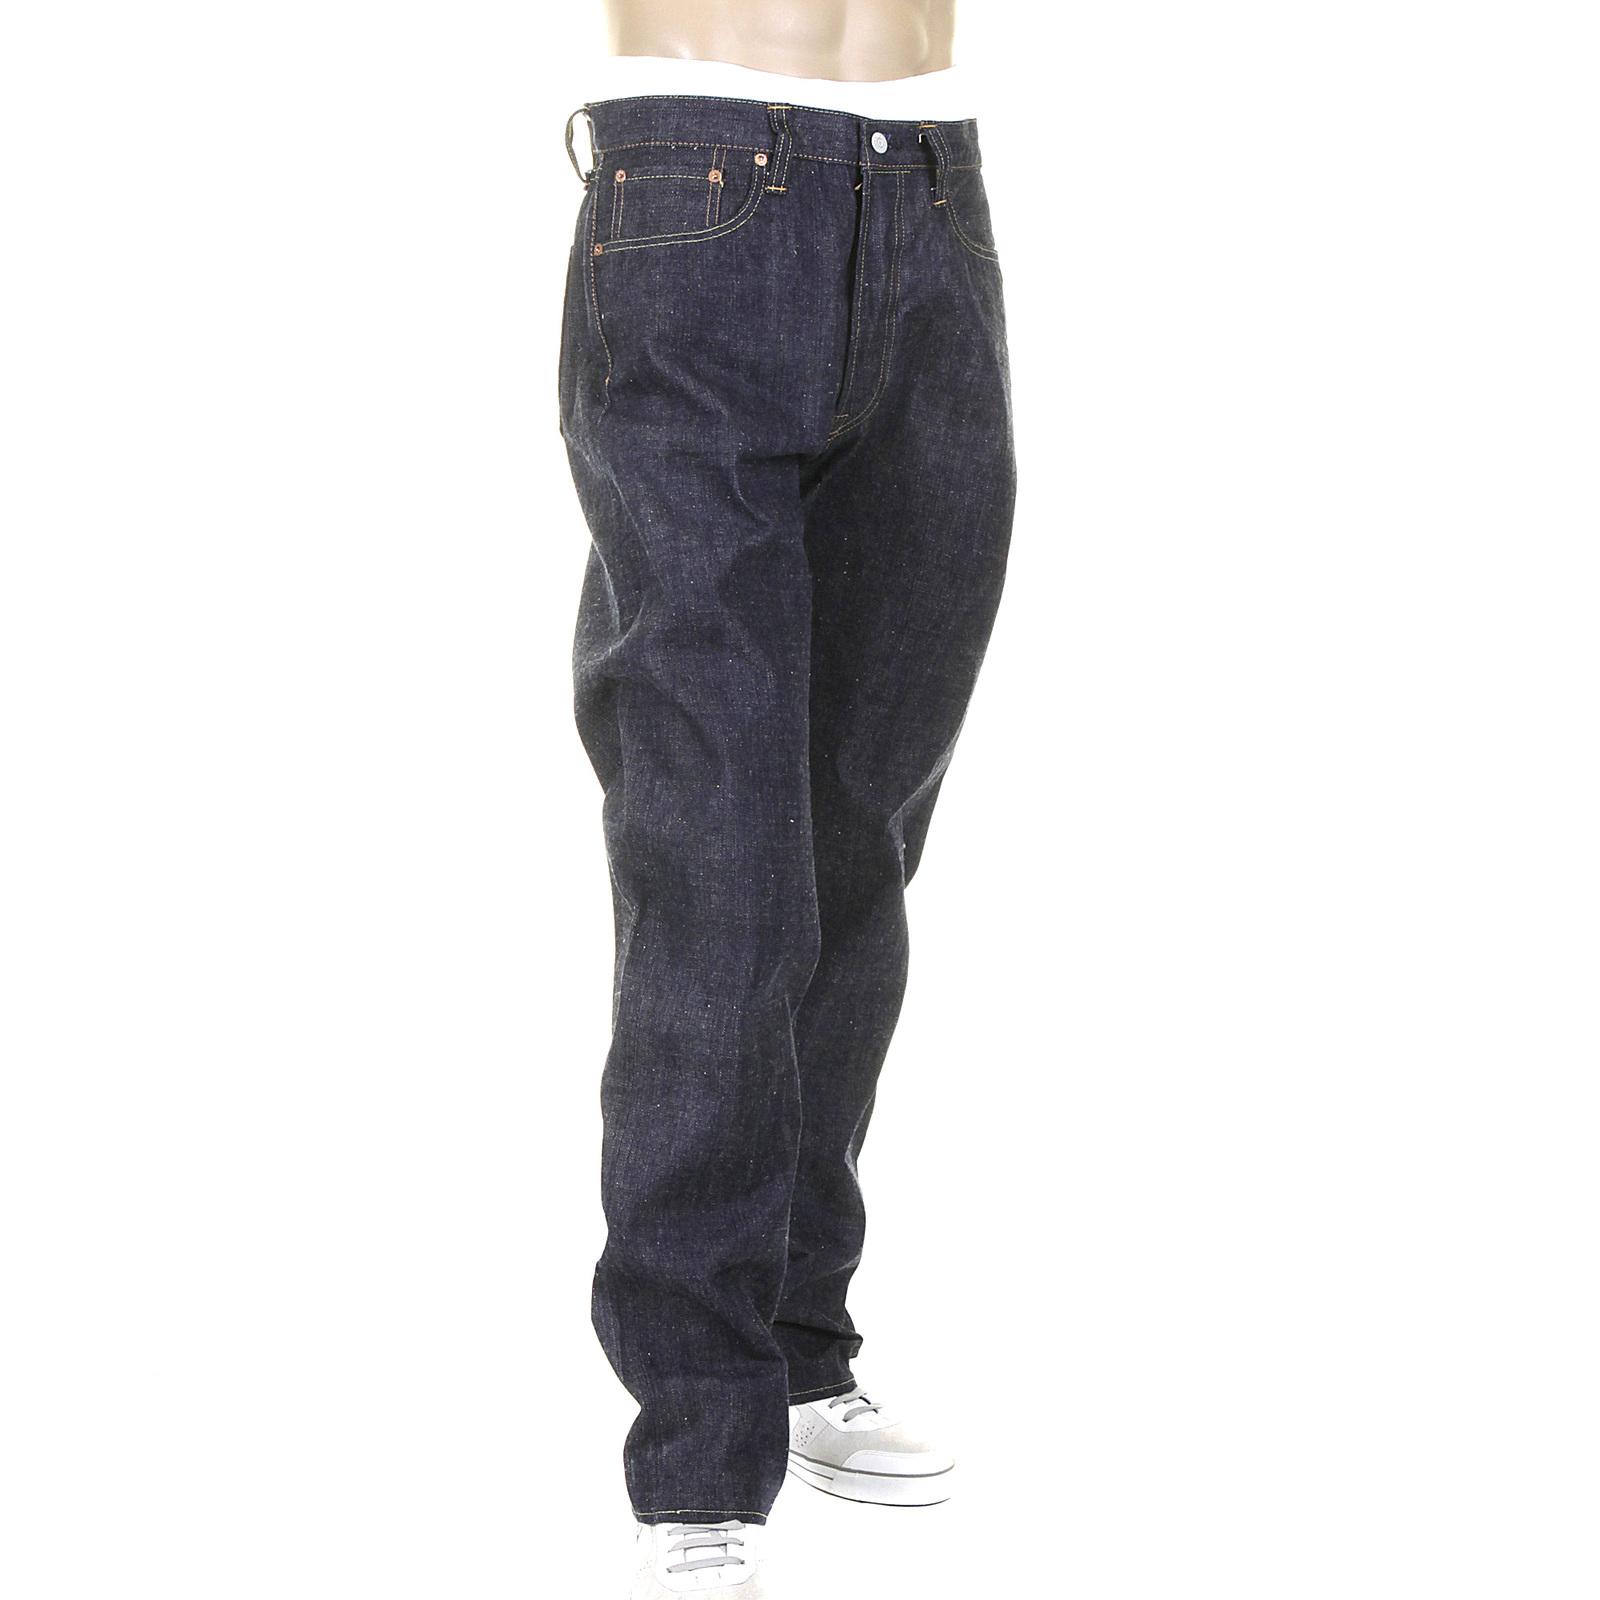 Giorgio Armani Jeans For Men